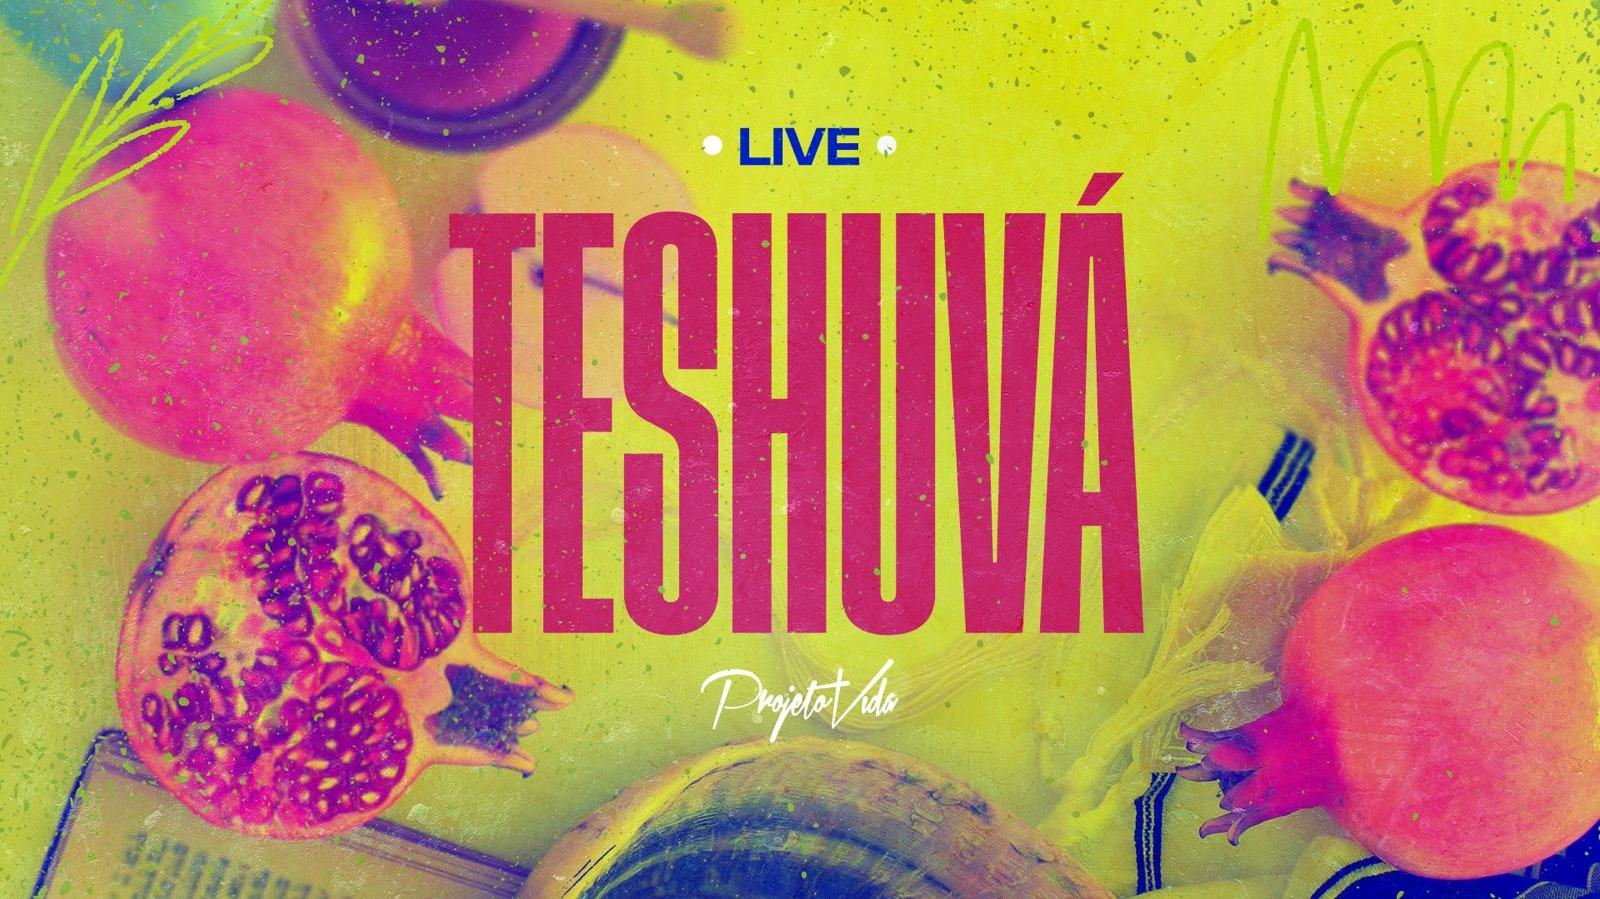 Live - Teshuvá